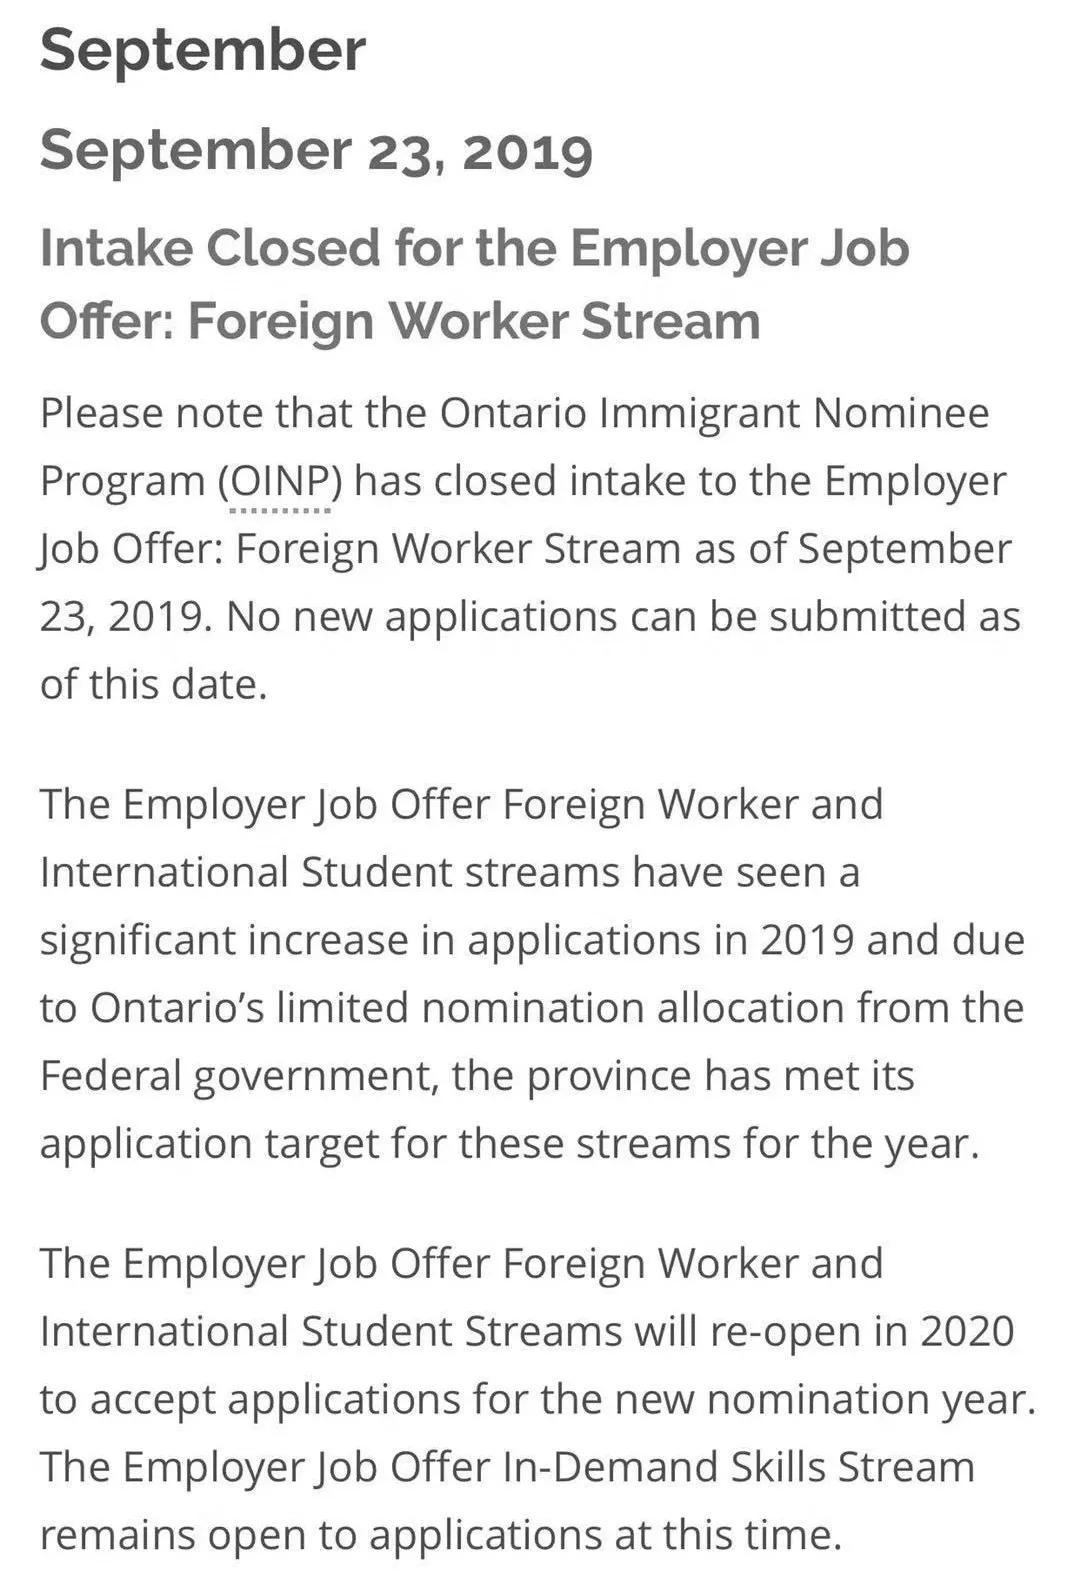 安省雇主担保名额已满今年关停!移民加拿大真的需趁早